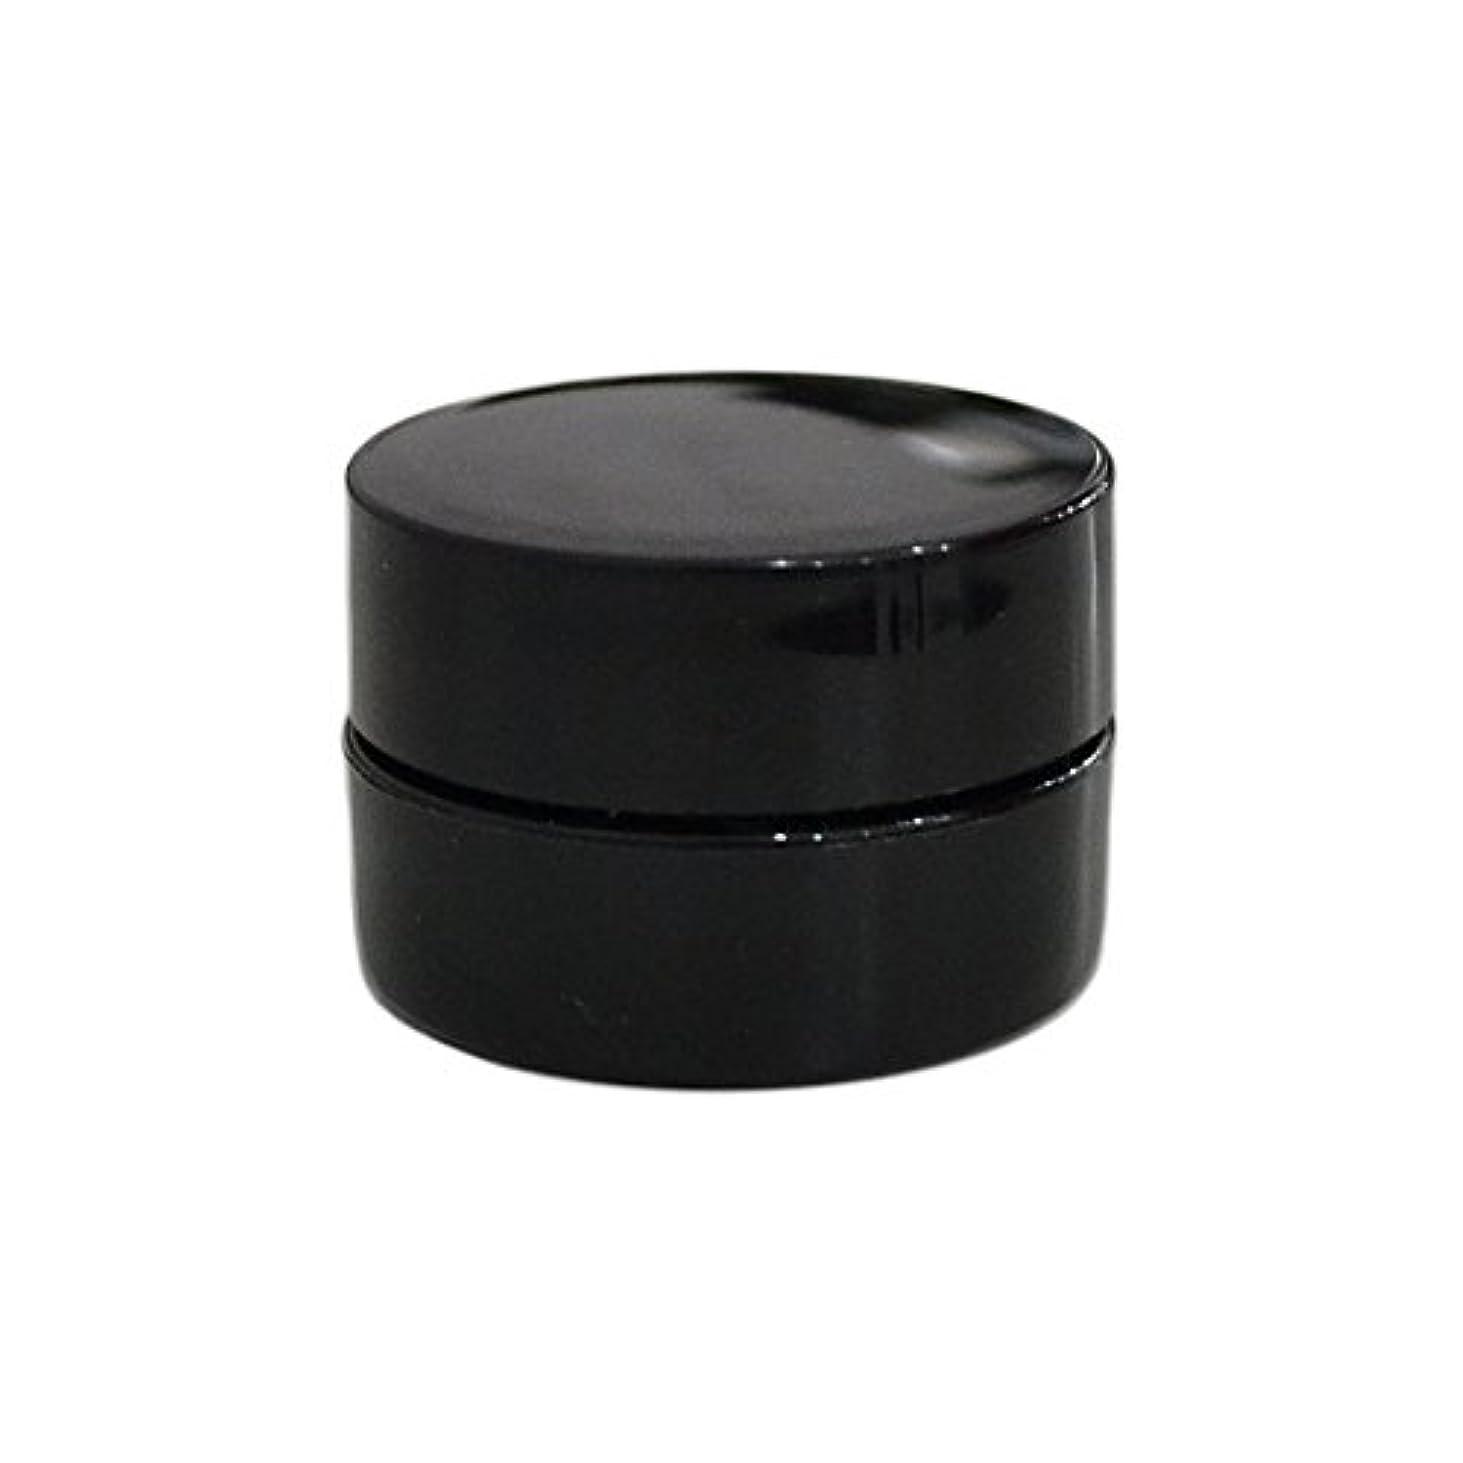 絶縁するプレビスサイトスクリーチ純国産ネイルジェルコンテナ 3g用 GA3g 漏れ防止パッキン&ブラシプレート付容器 ジェルを無駄なく使える底面傾斜あり 遮光 黒 ブラック